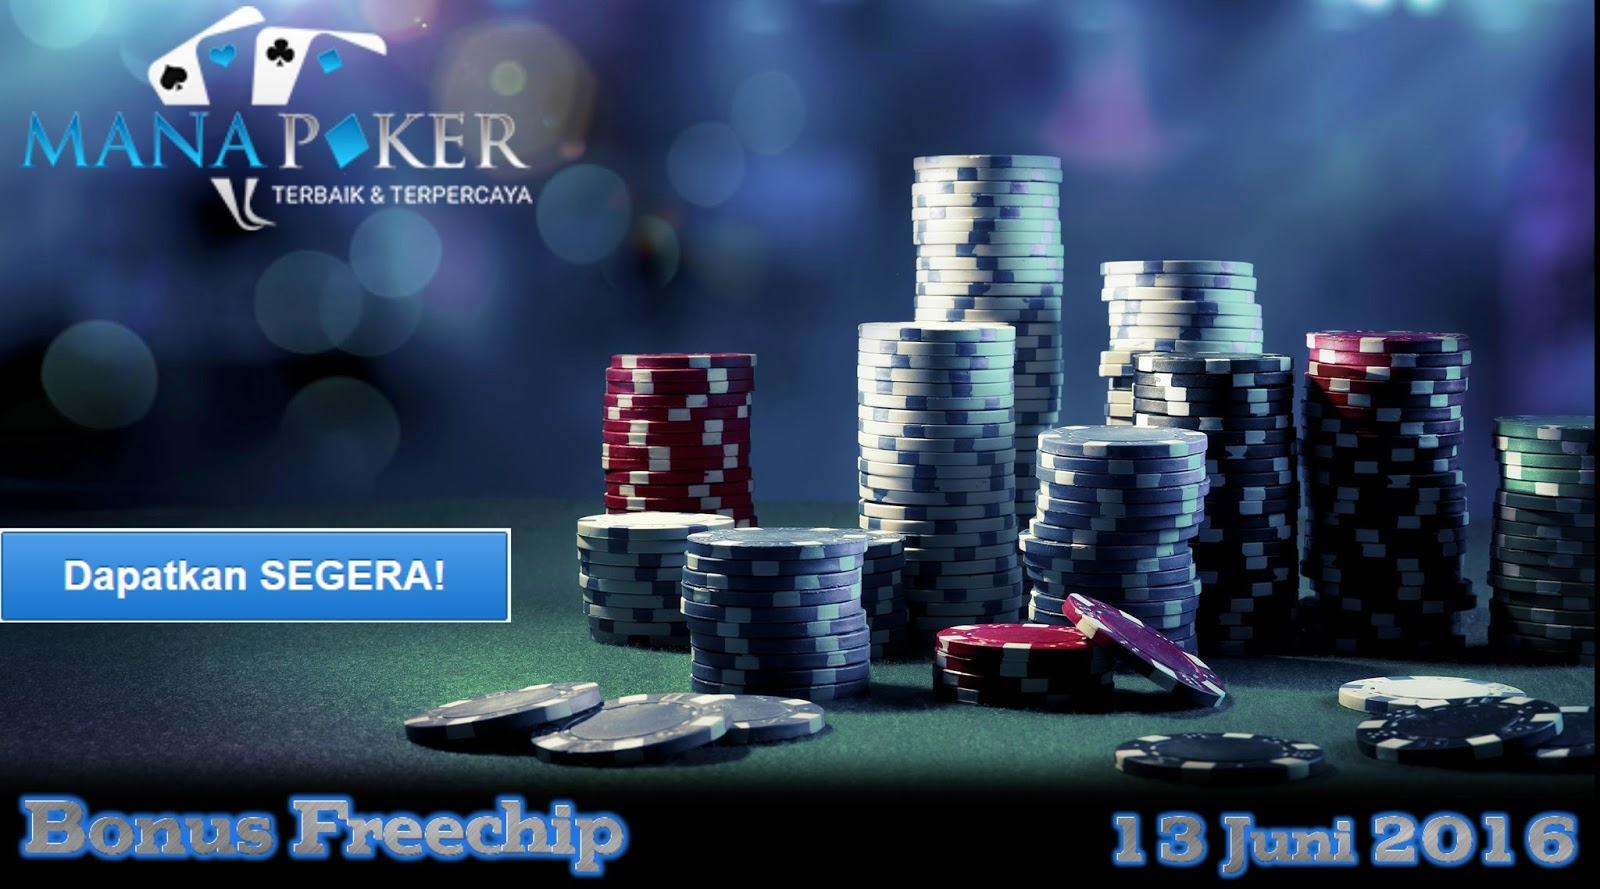 Situs Poker Terpercaya Bonus Freechip Tanpa Deposit Manapoker